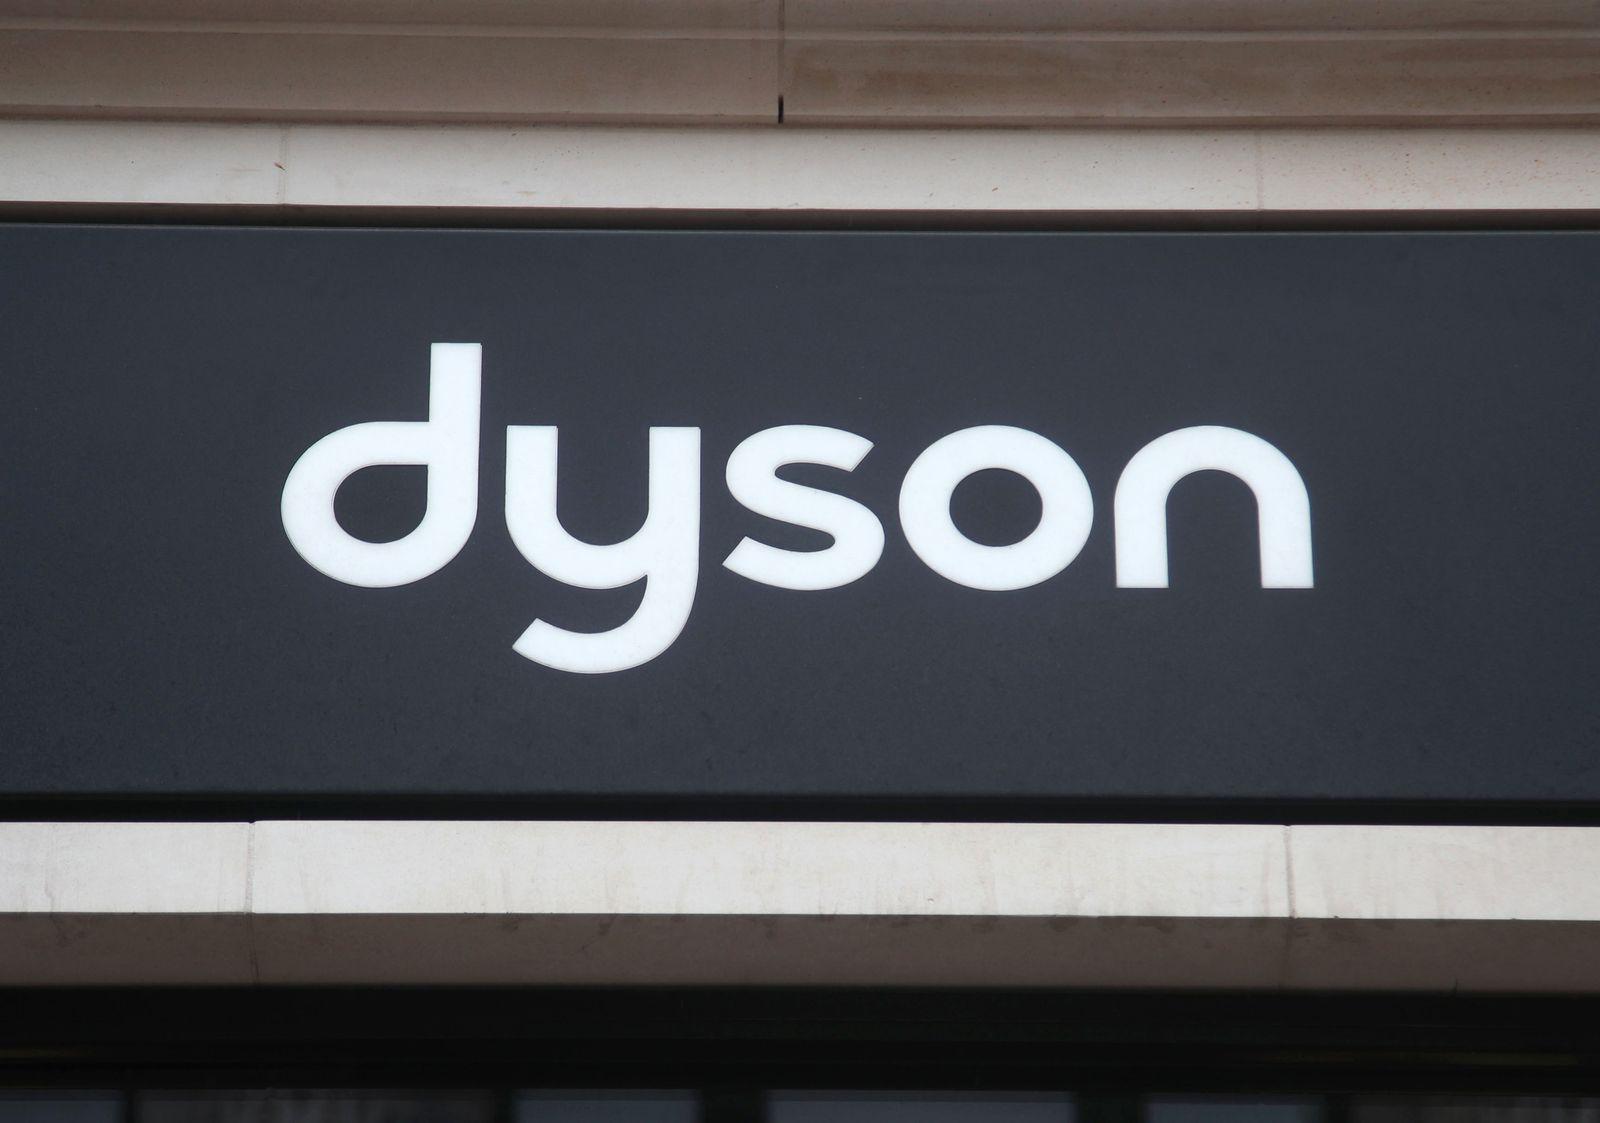 Dyson siedelt erste Autofabrik in Singapur an